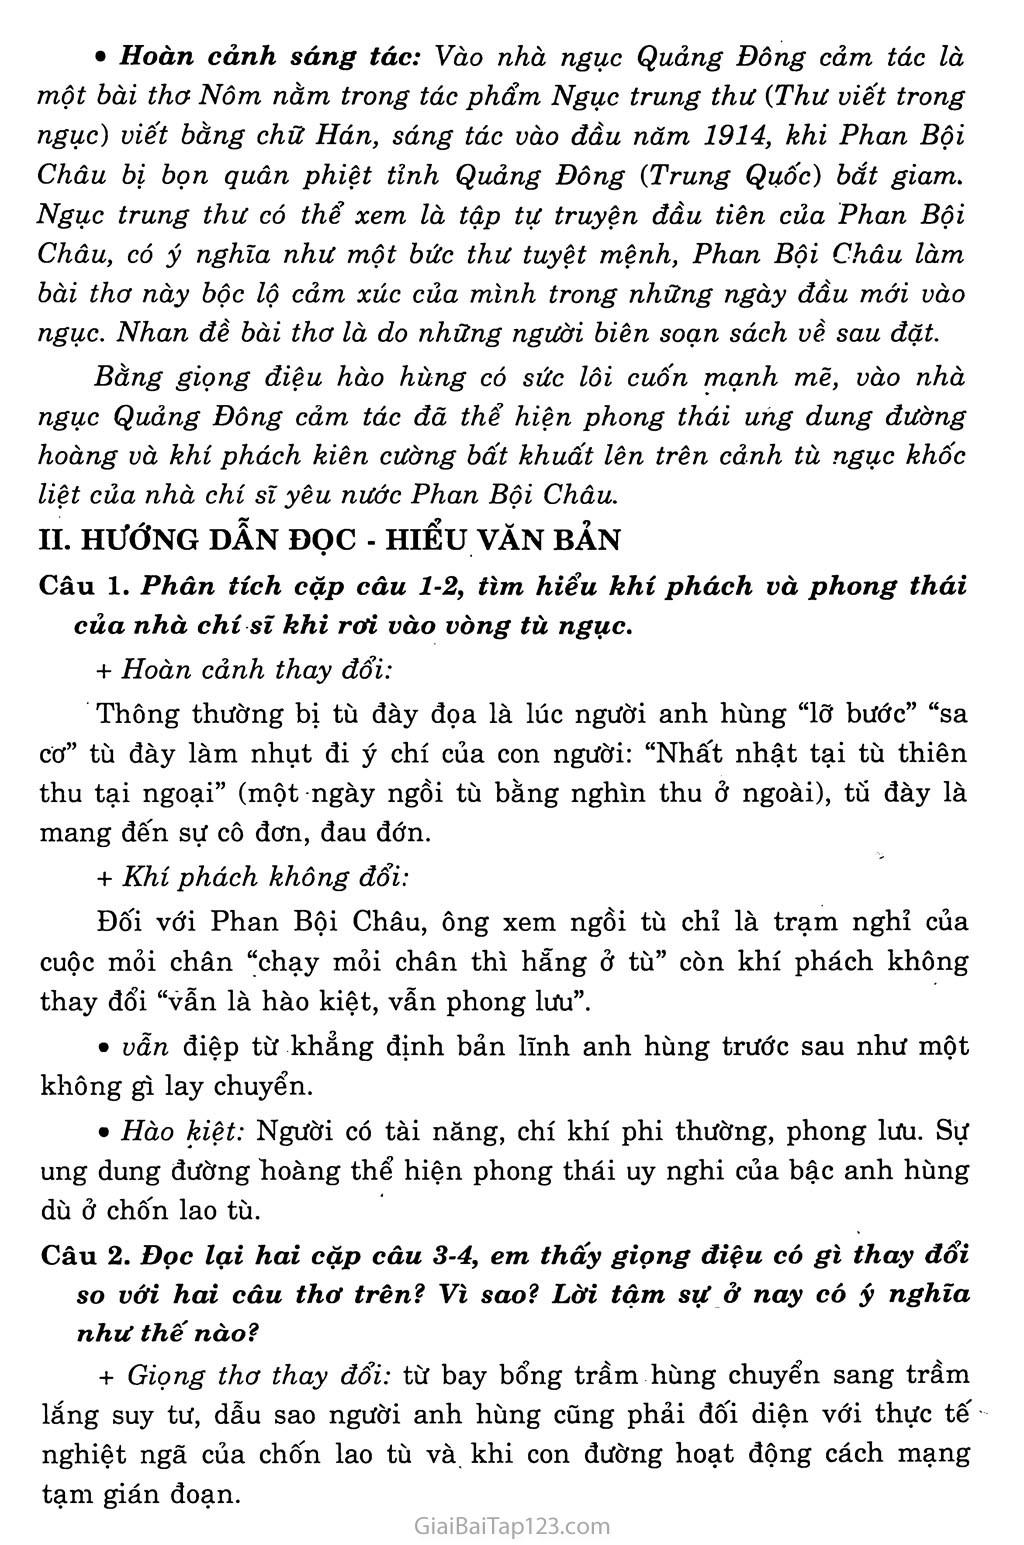 Vào nhà ngục Quảng Đông cảm tác trang 2